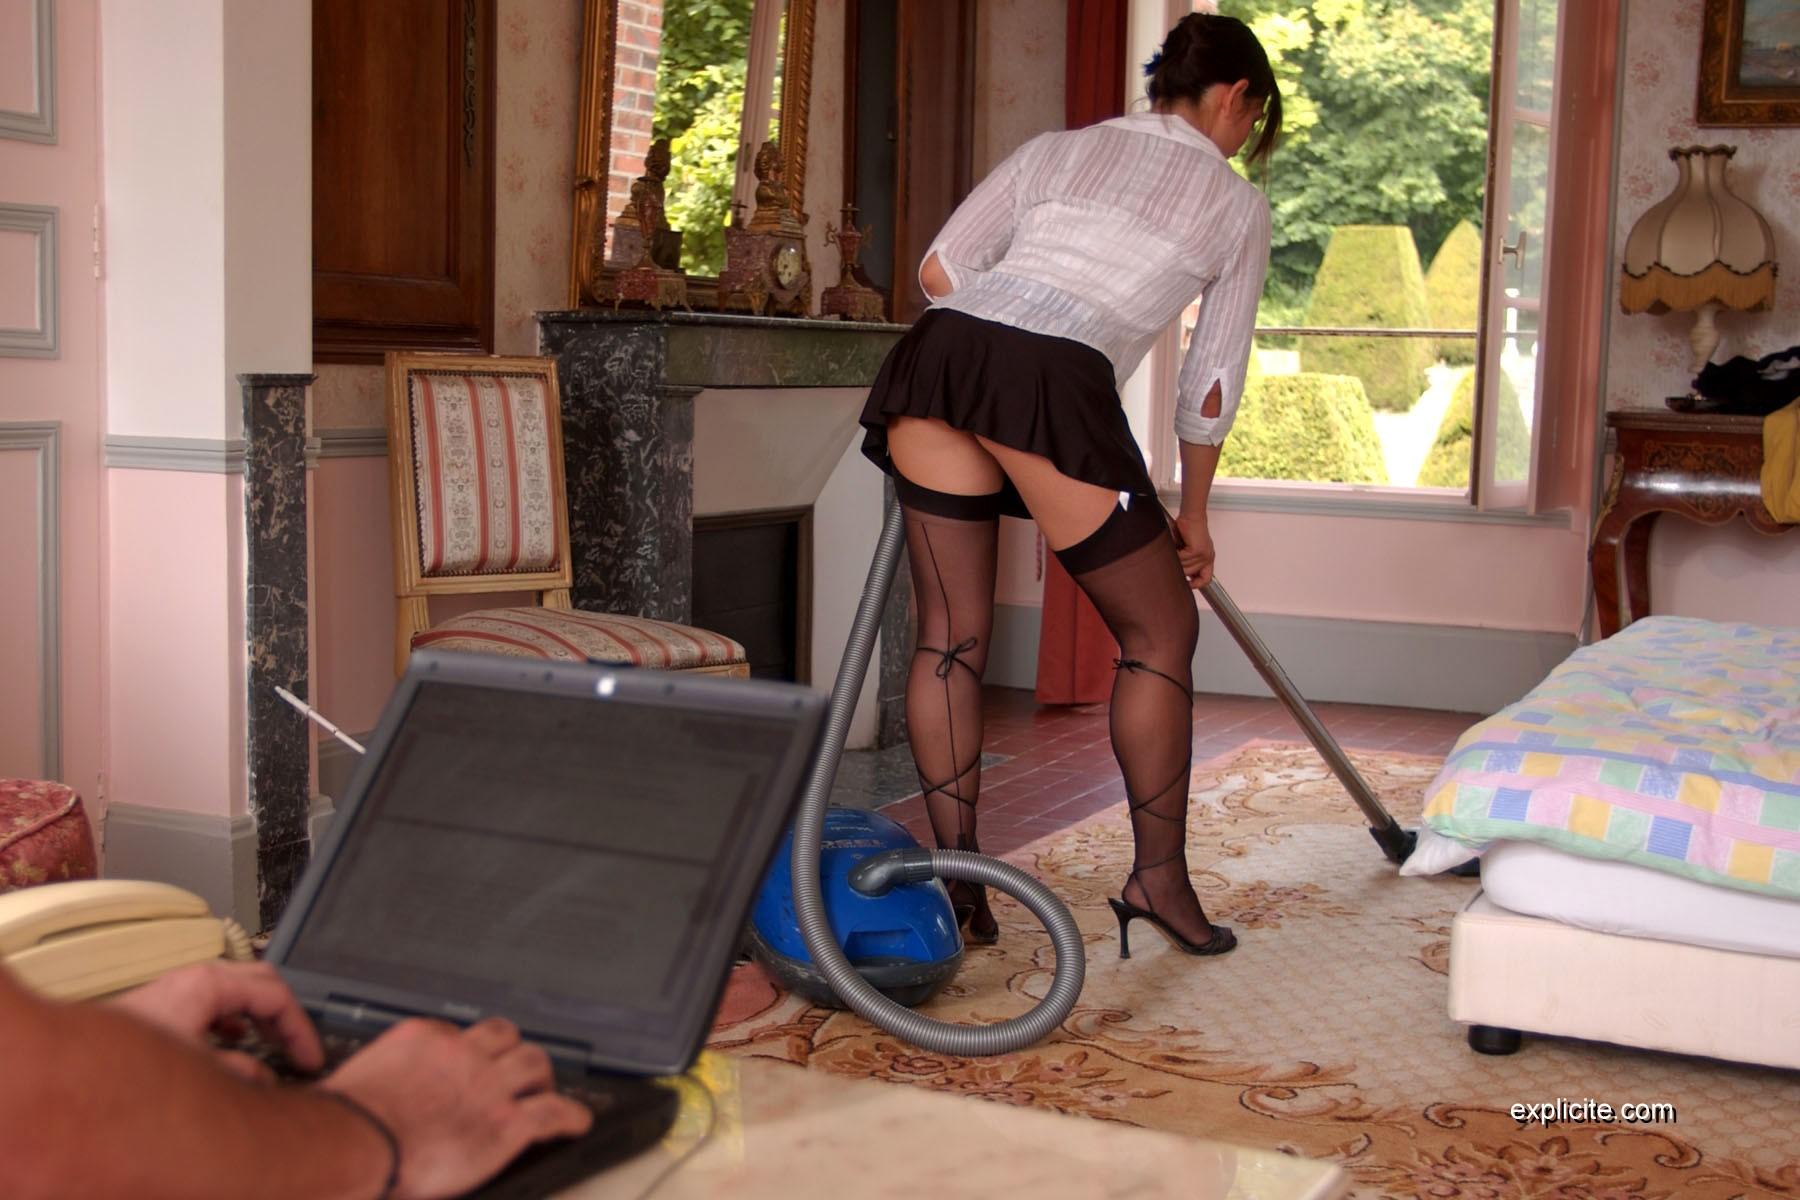 порно служанка моет пол денисом, она решила